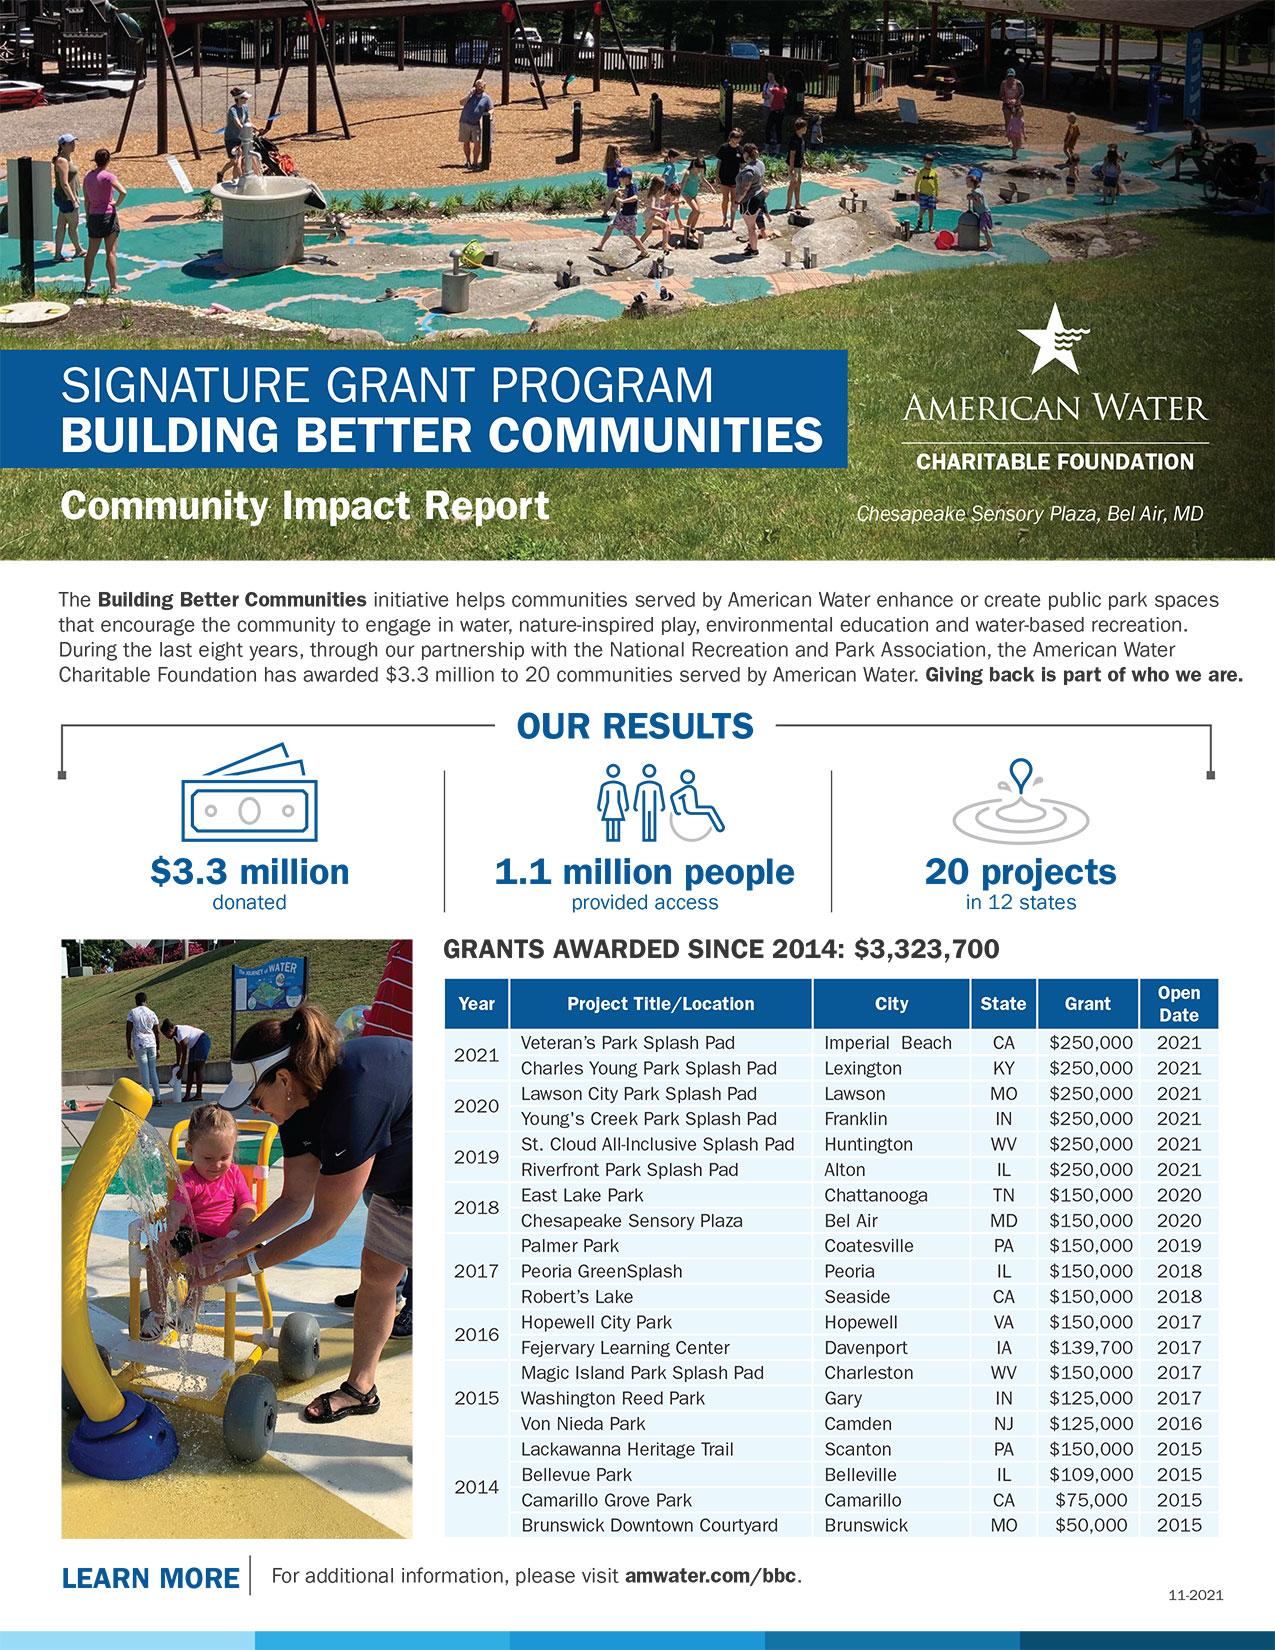 AWCF Building Better Communities